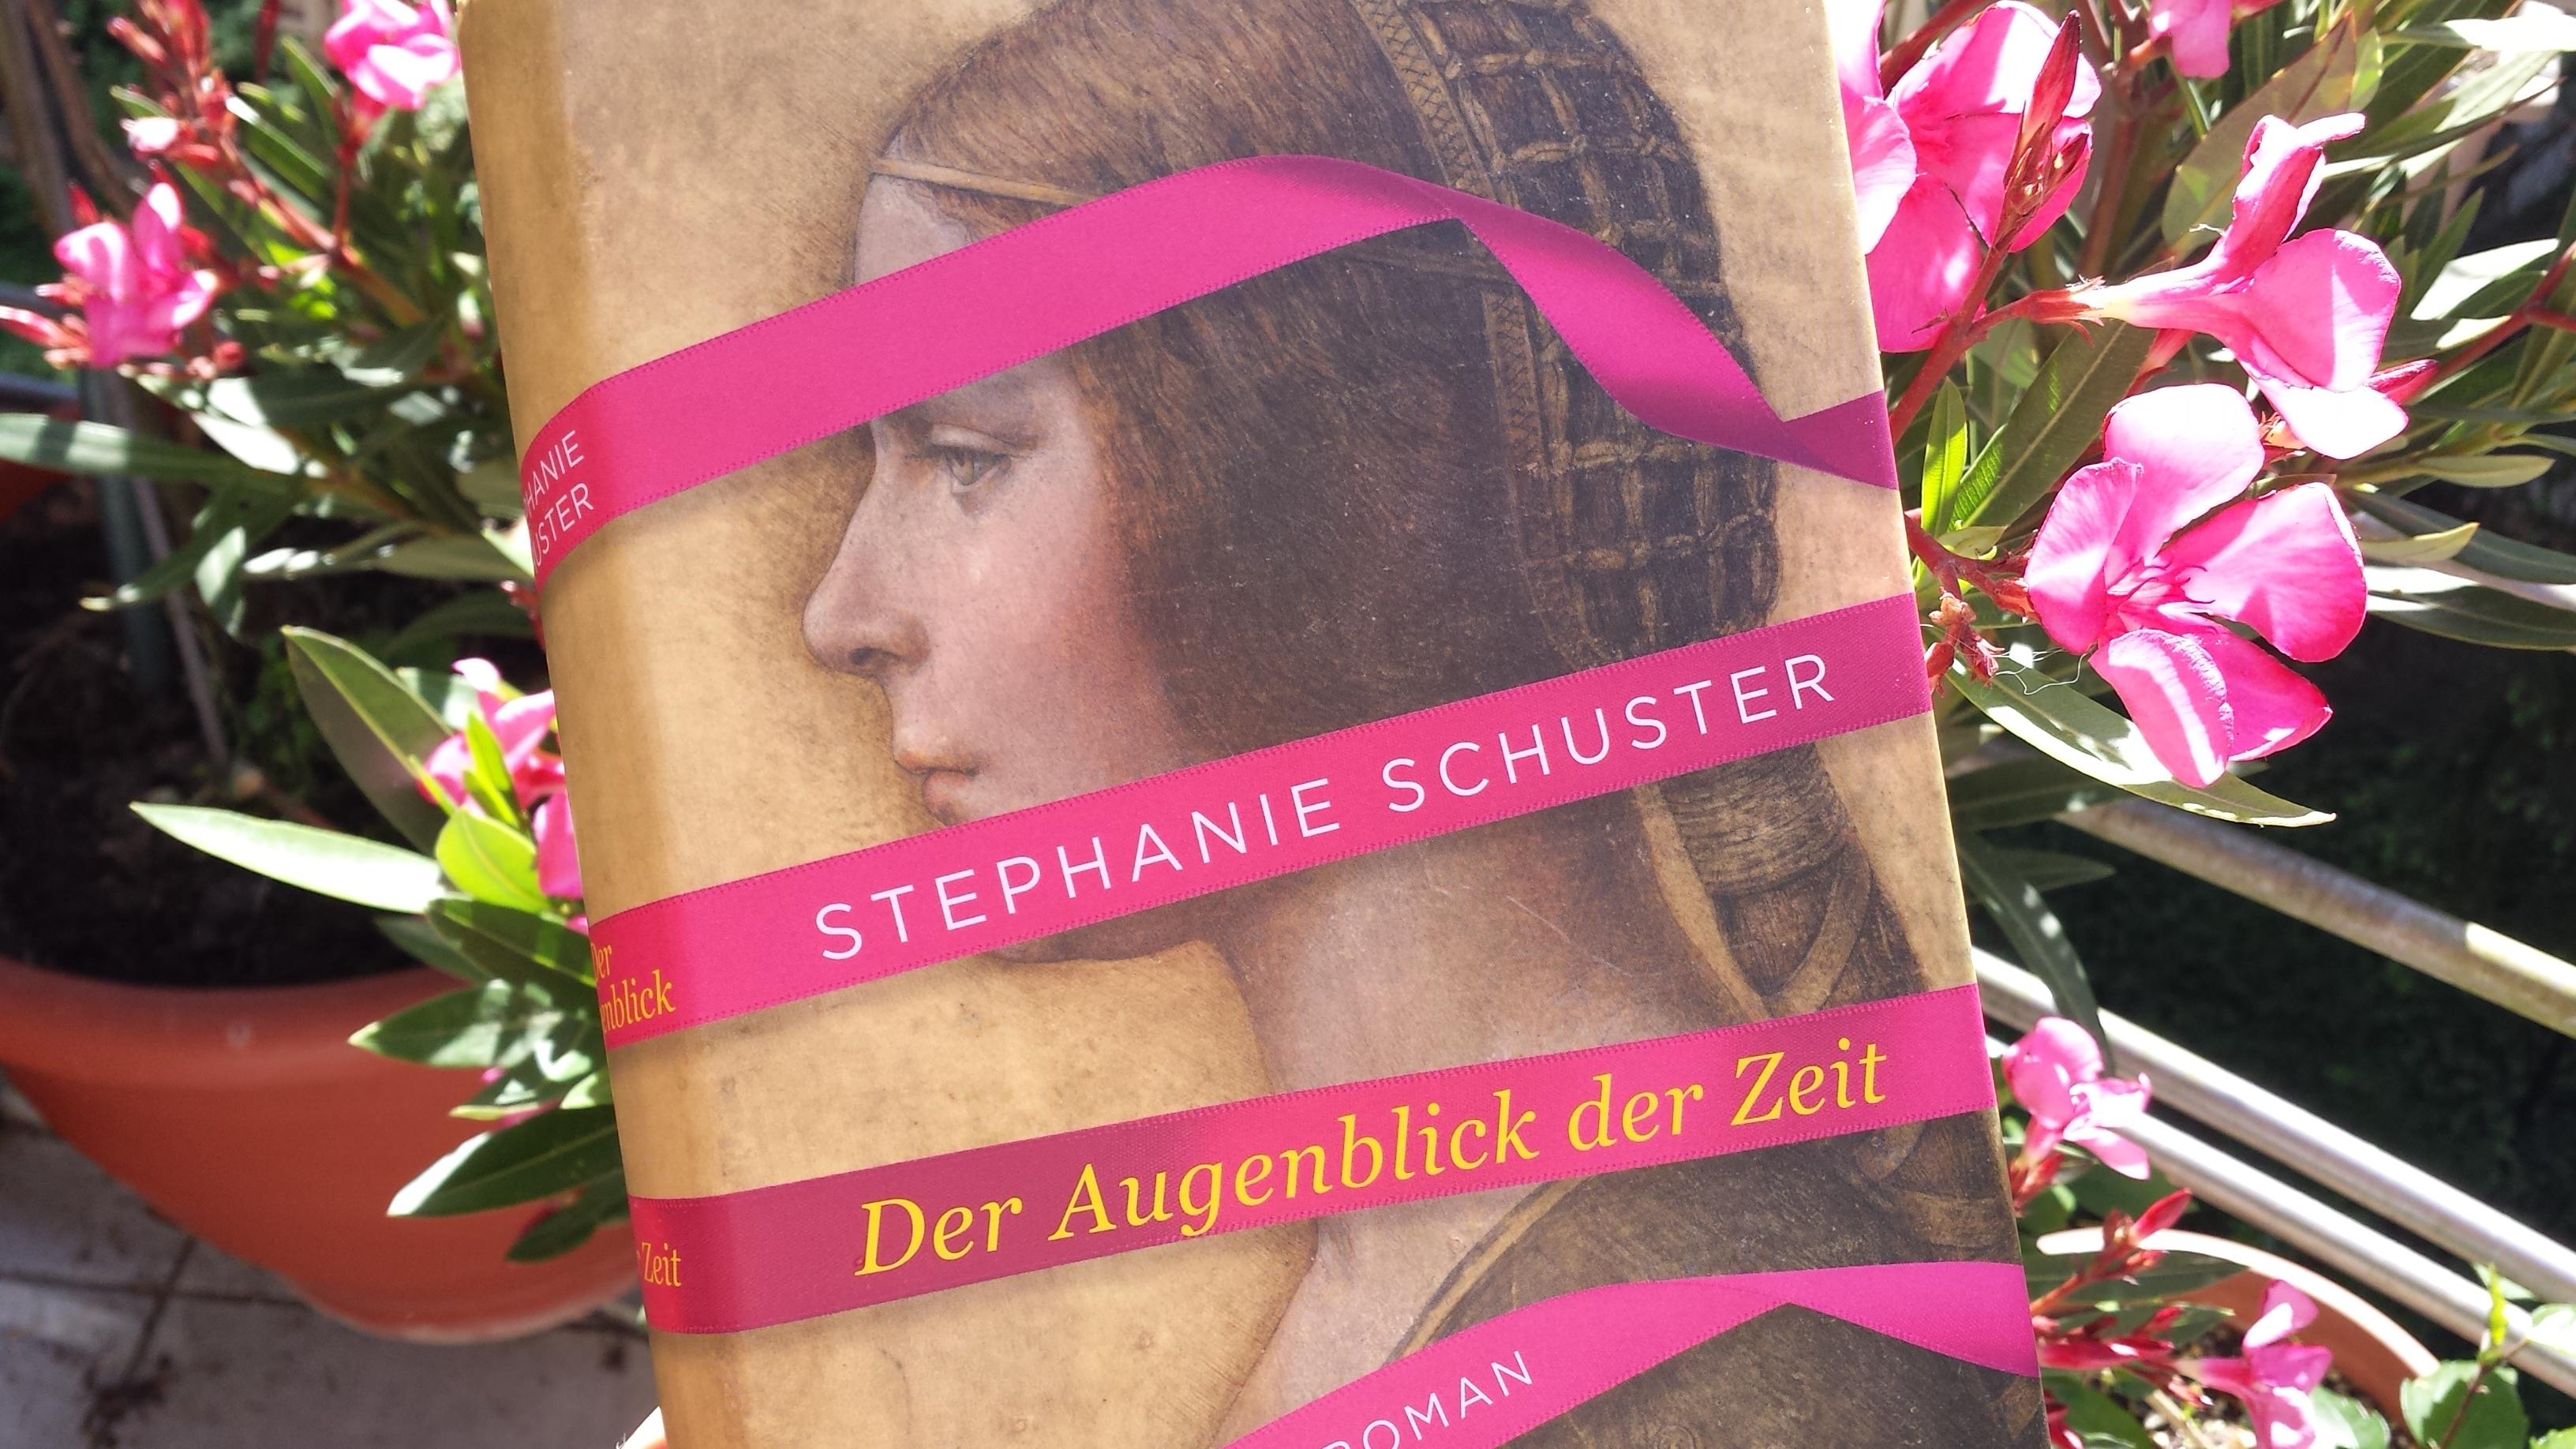 Der Augenblick der Zeit, von Stephanie Schuster